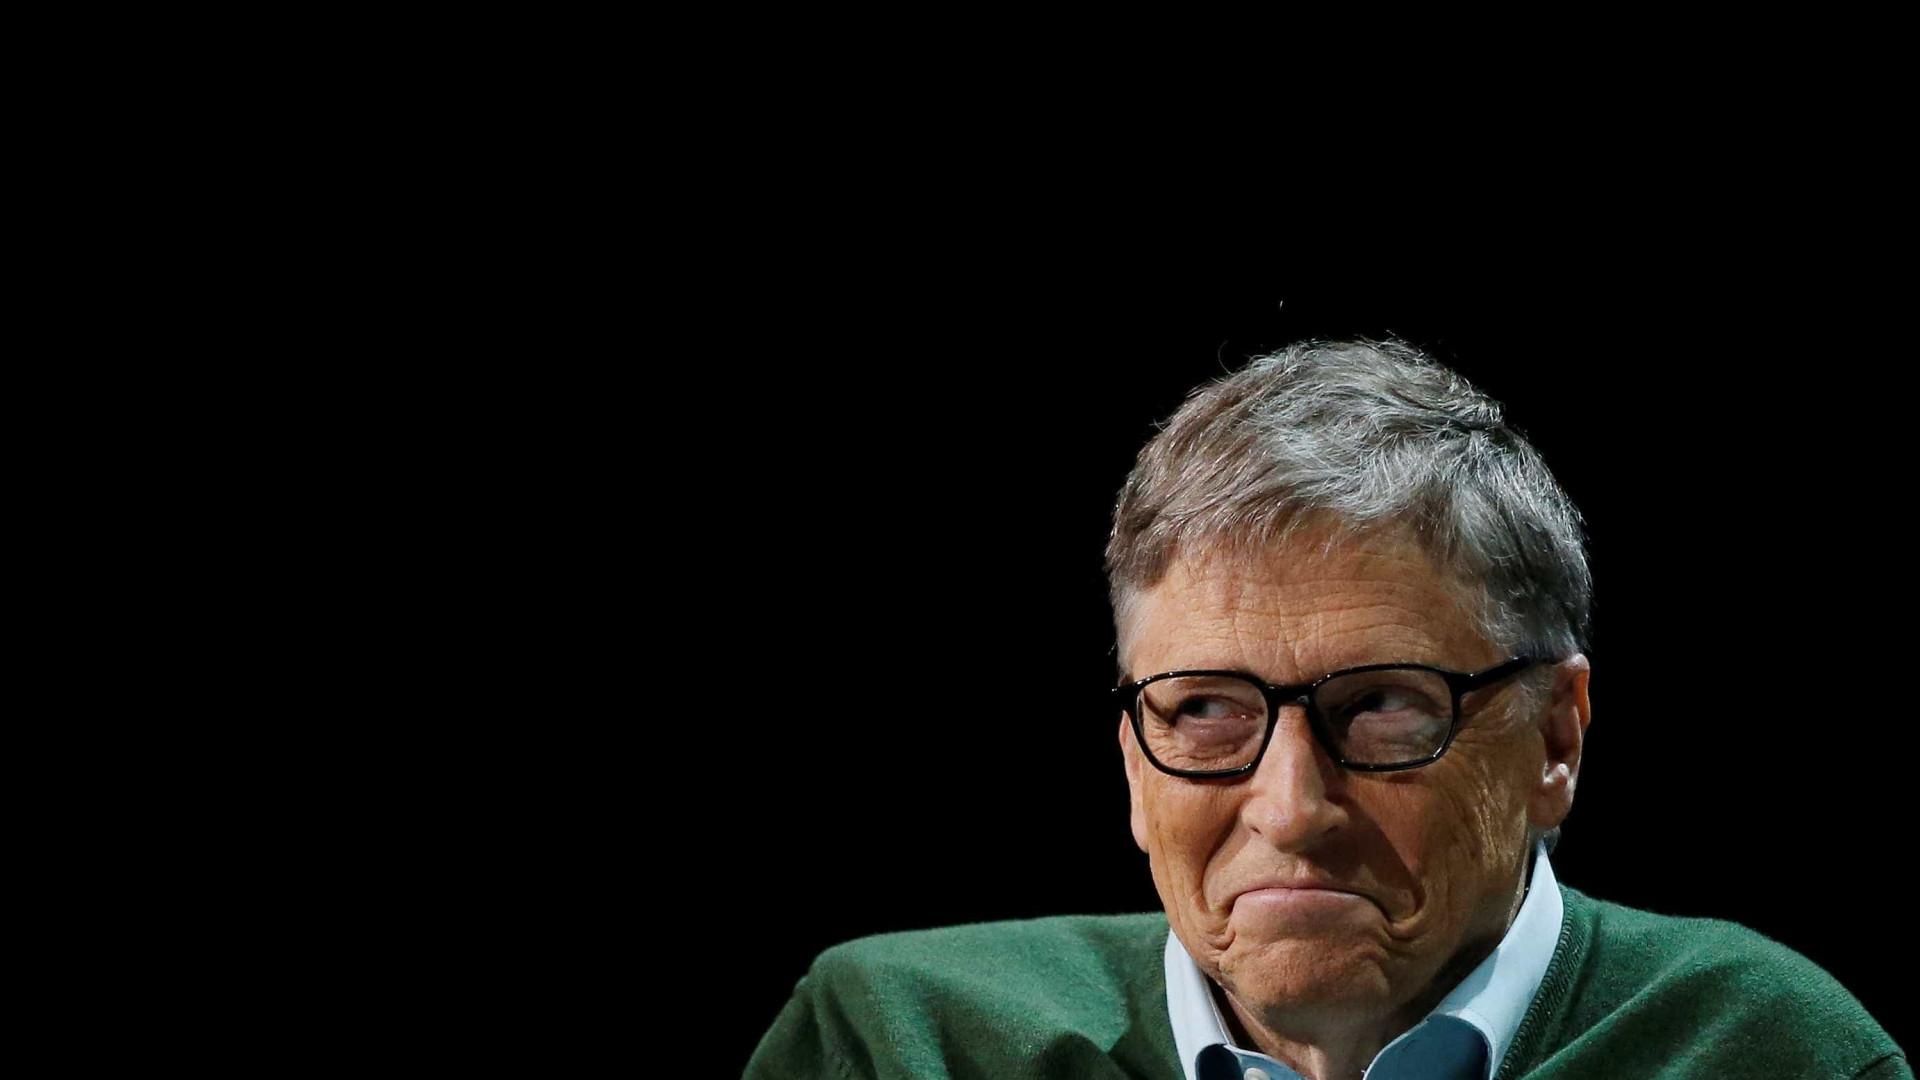 Bill Gates doa quase 4.000 milhões em acções para beneficência